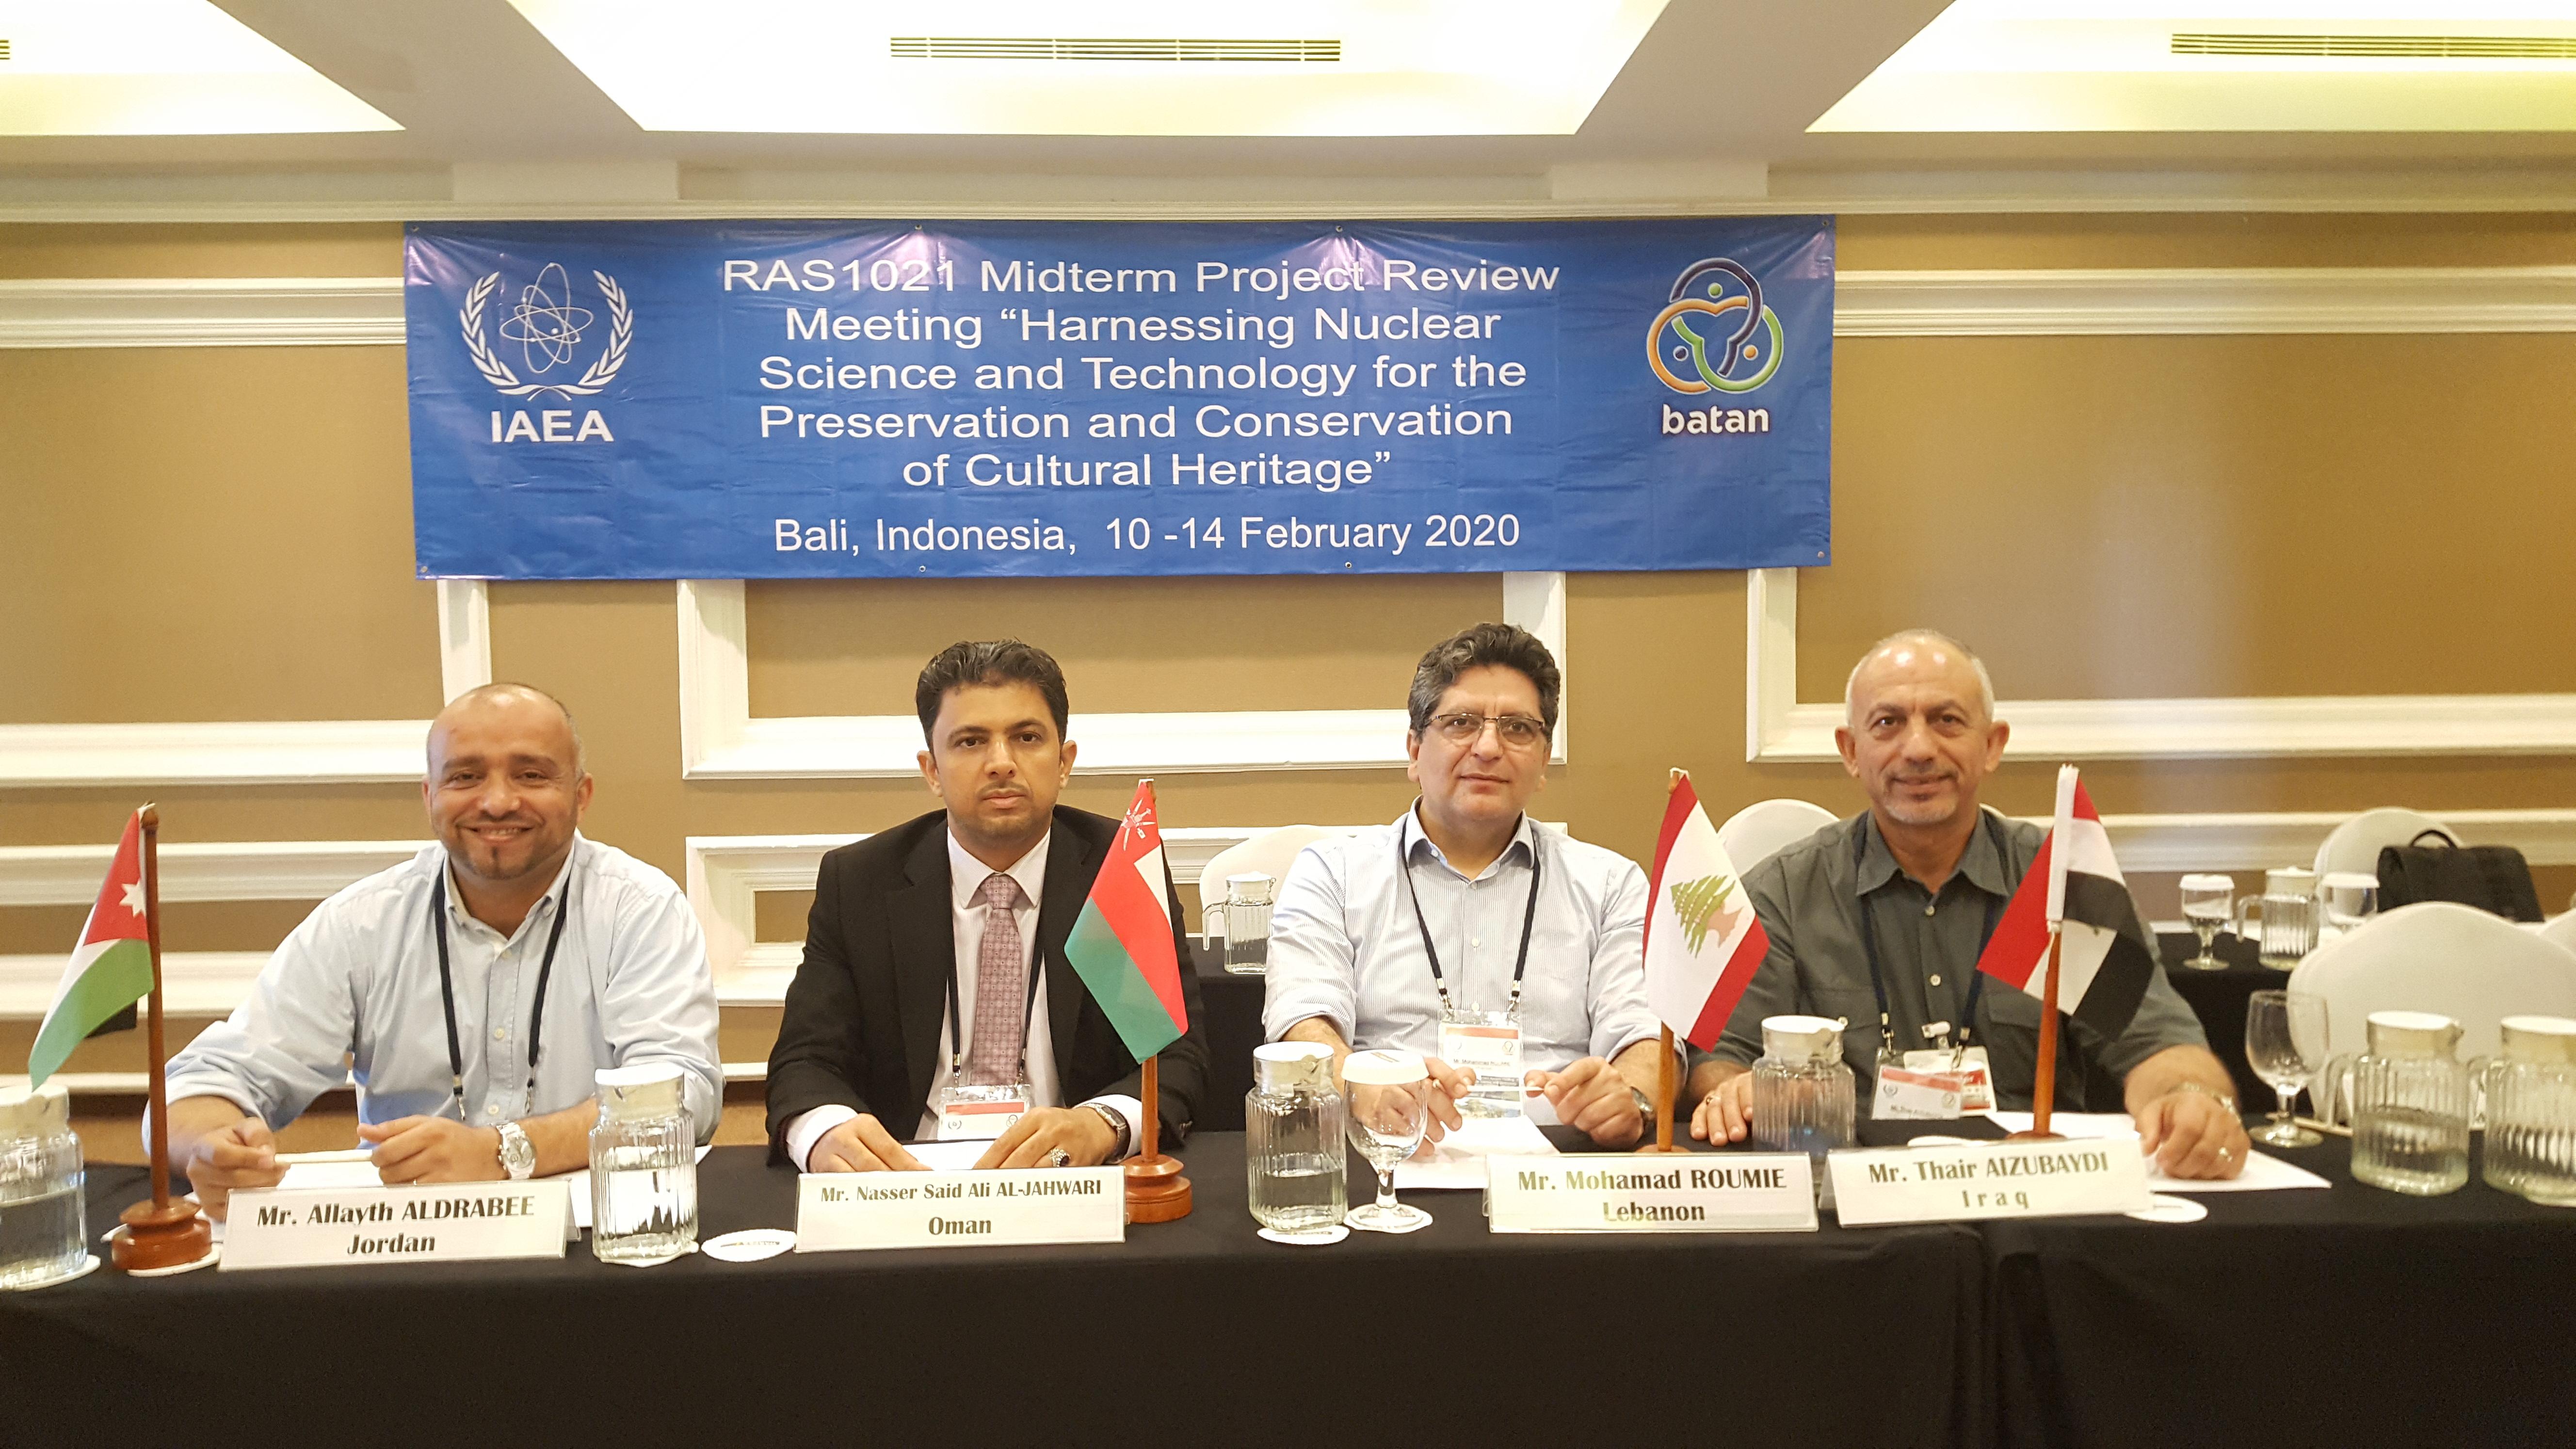 التراث الثقافي العماني يحضر في اجتماع وكالة الطاقة الذرية